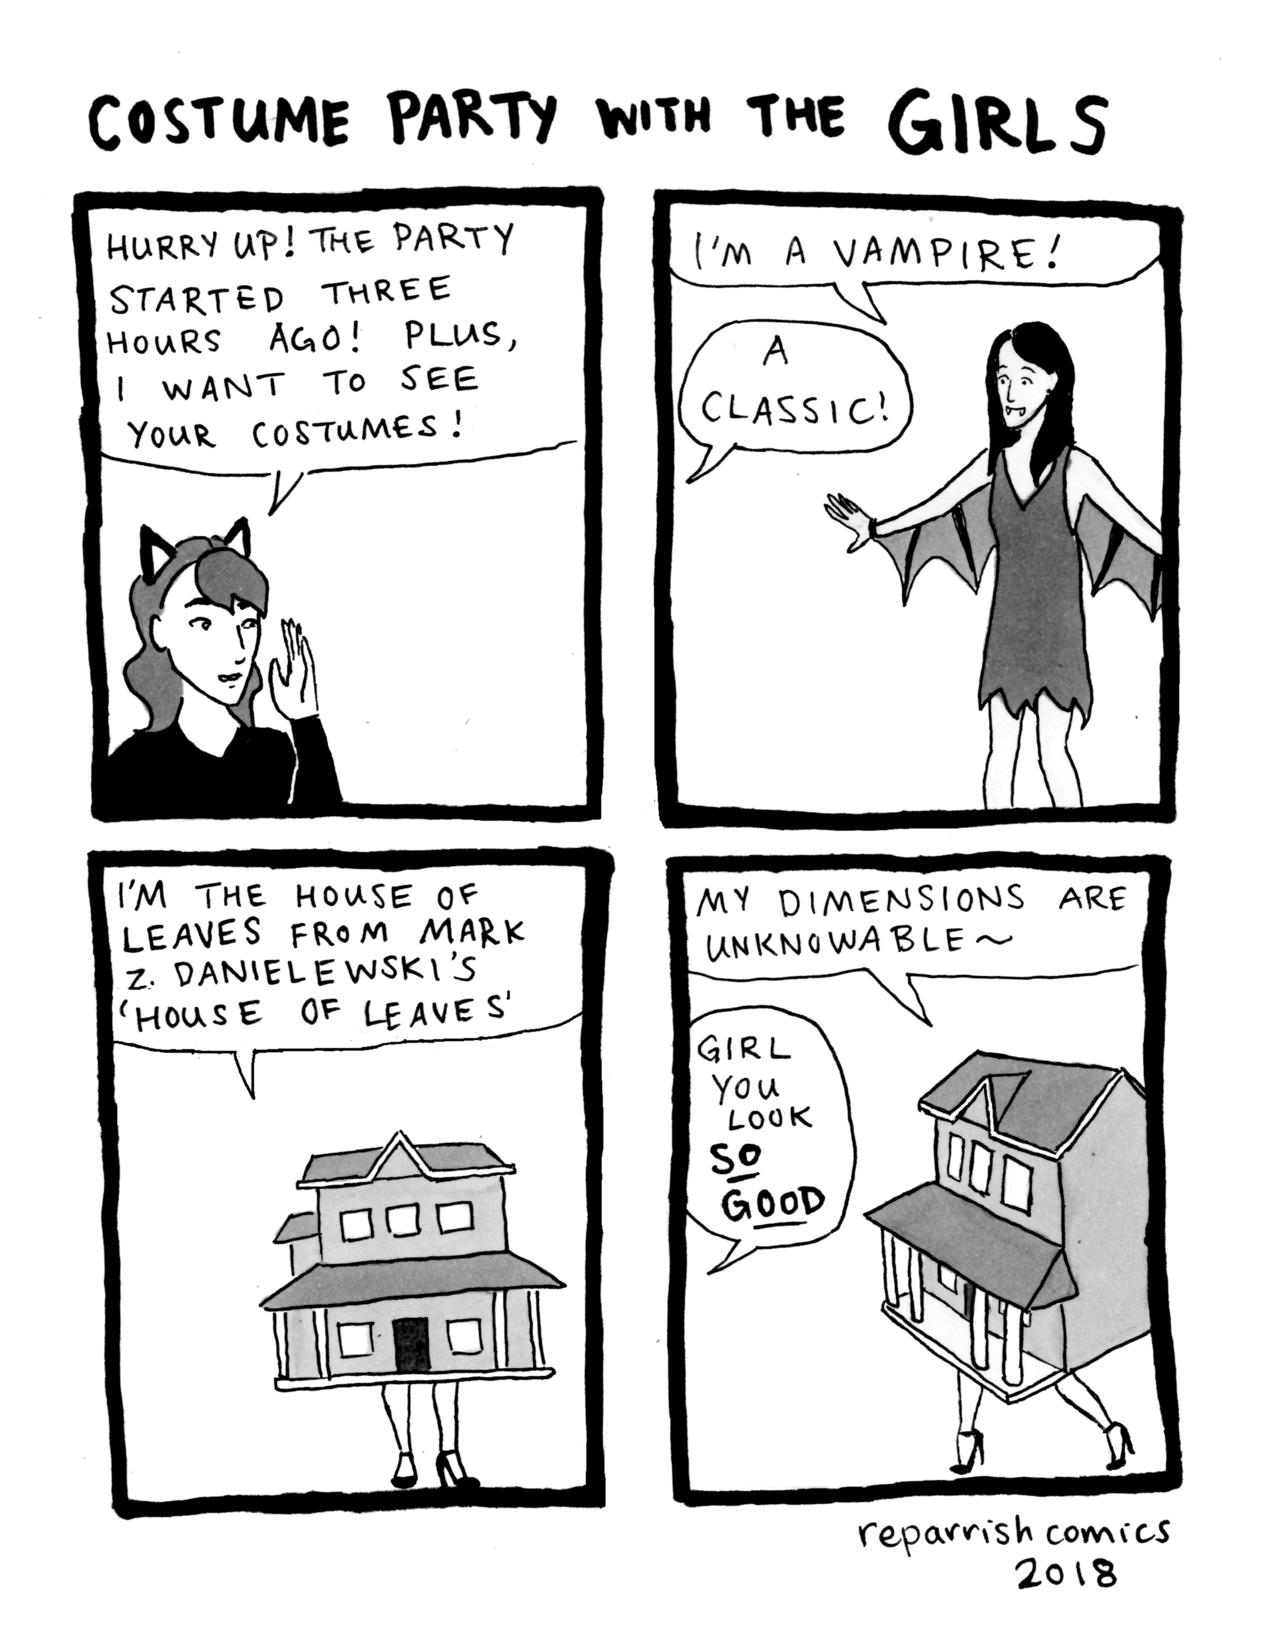 Comics by R.E. Parrish — hee hee hee hoo hoo hoo (written